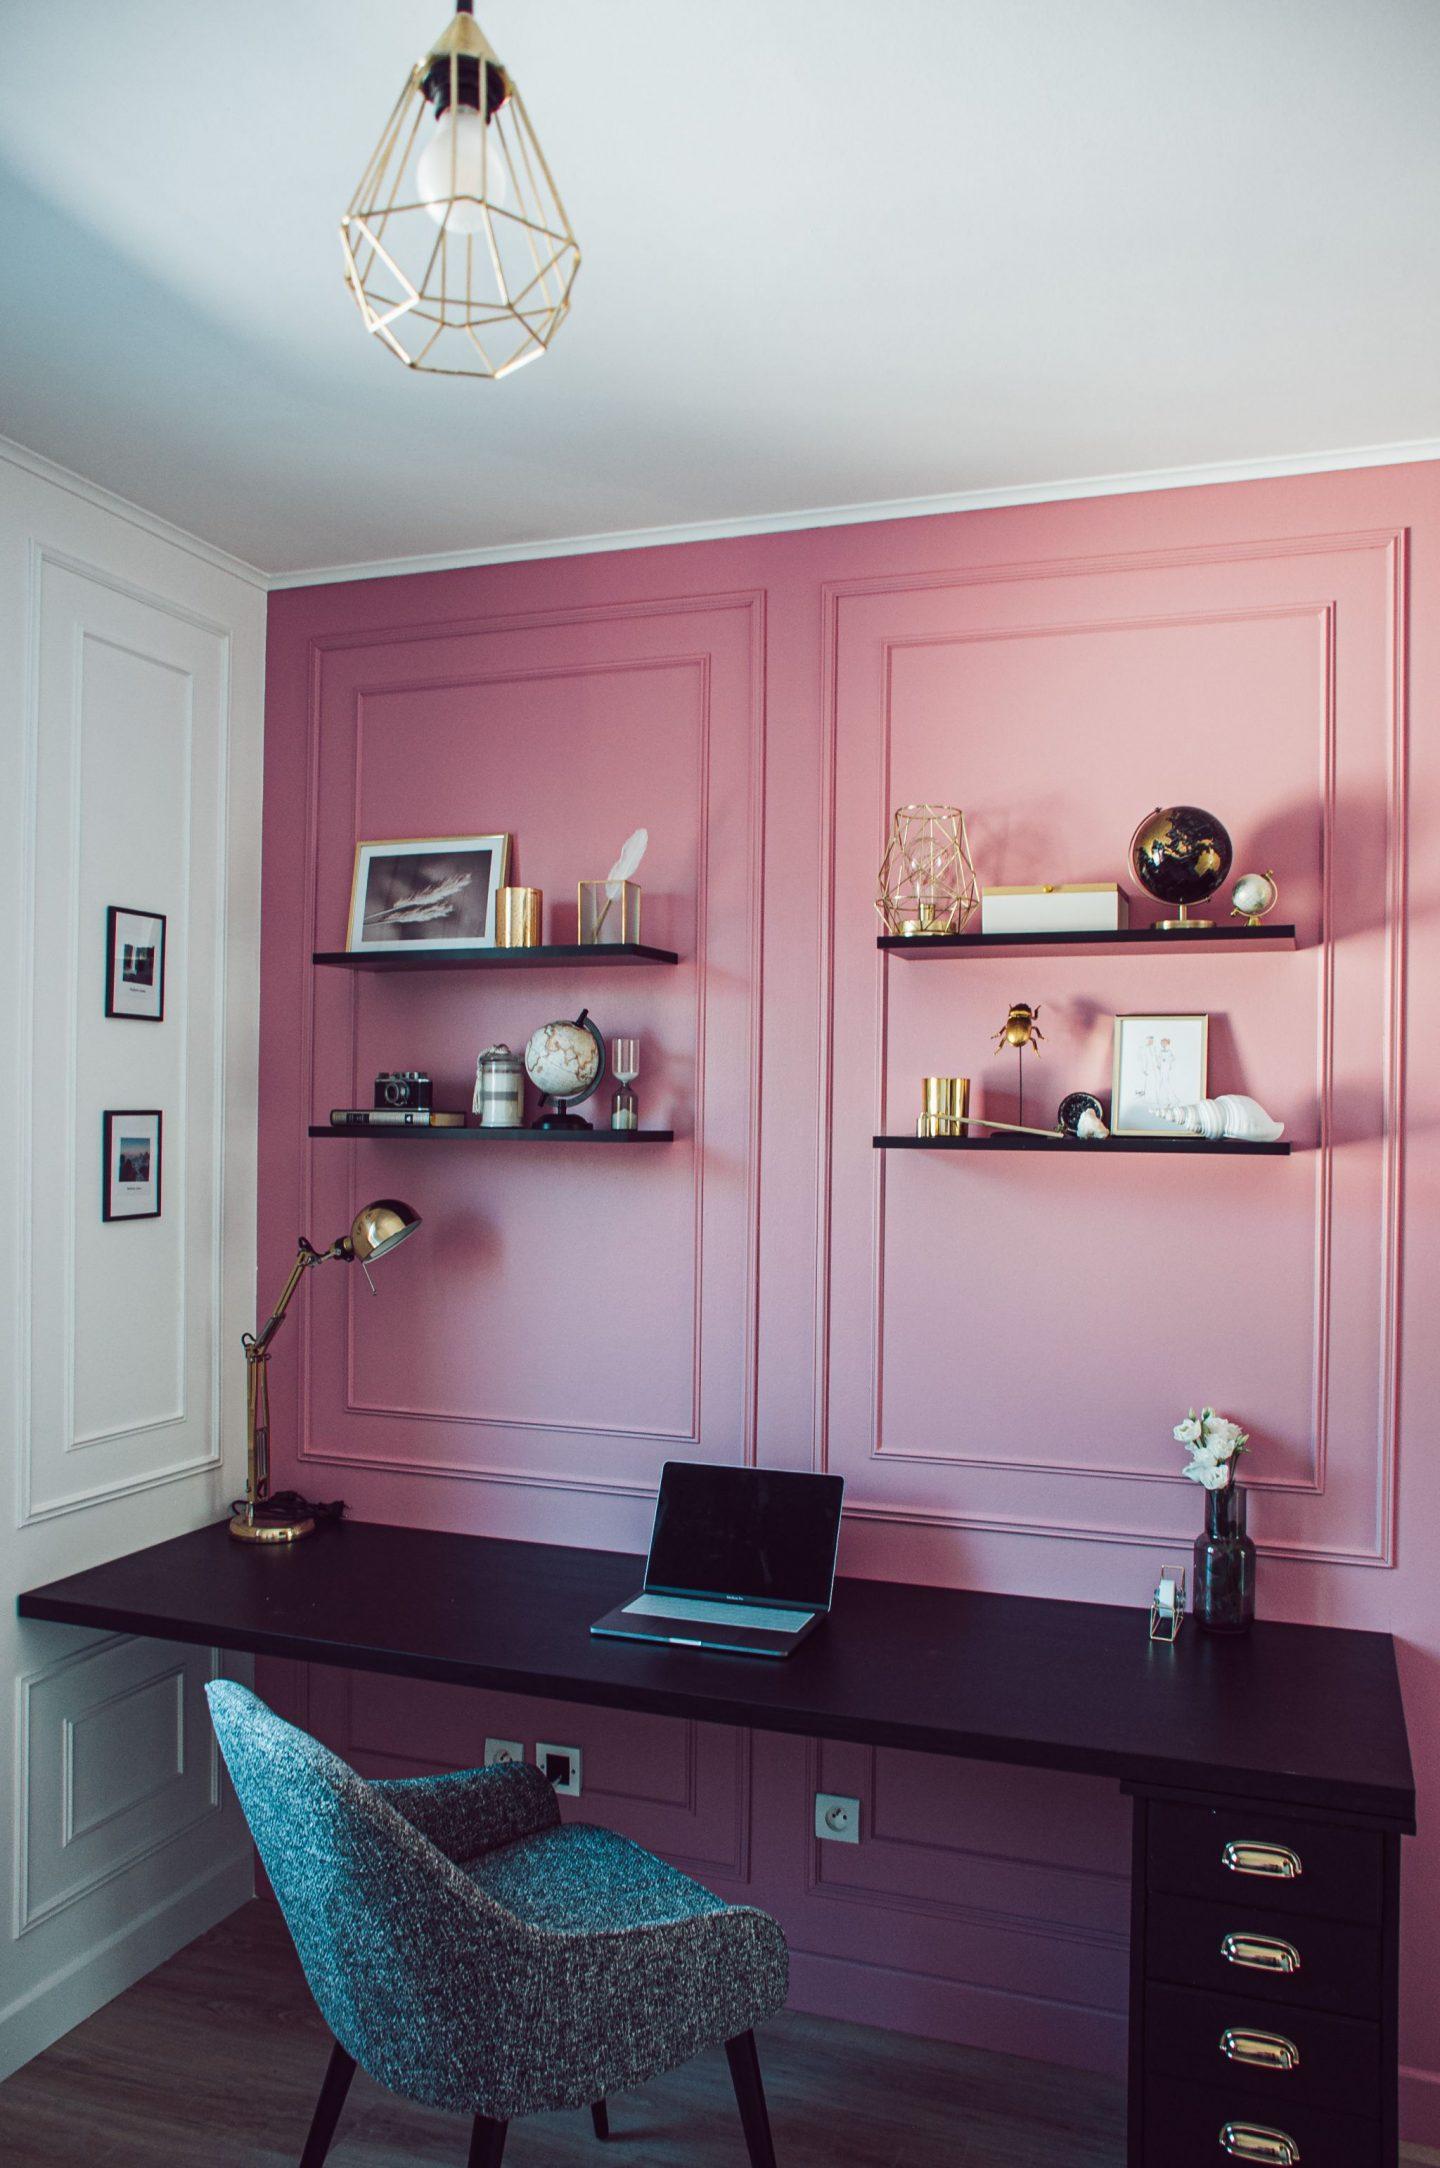 DIY : Transformez une pièce en 5 étapes